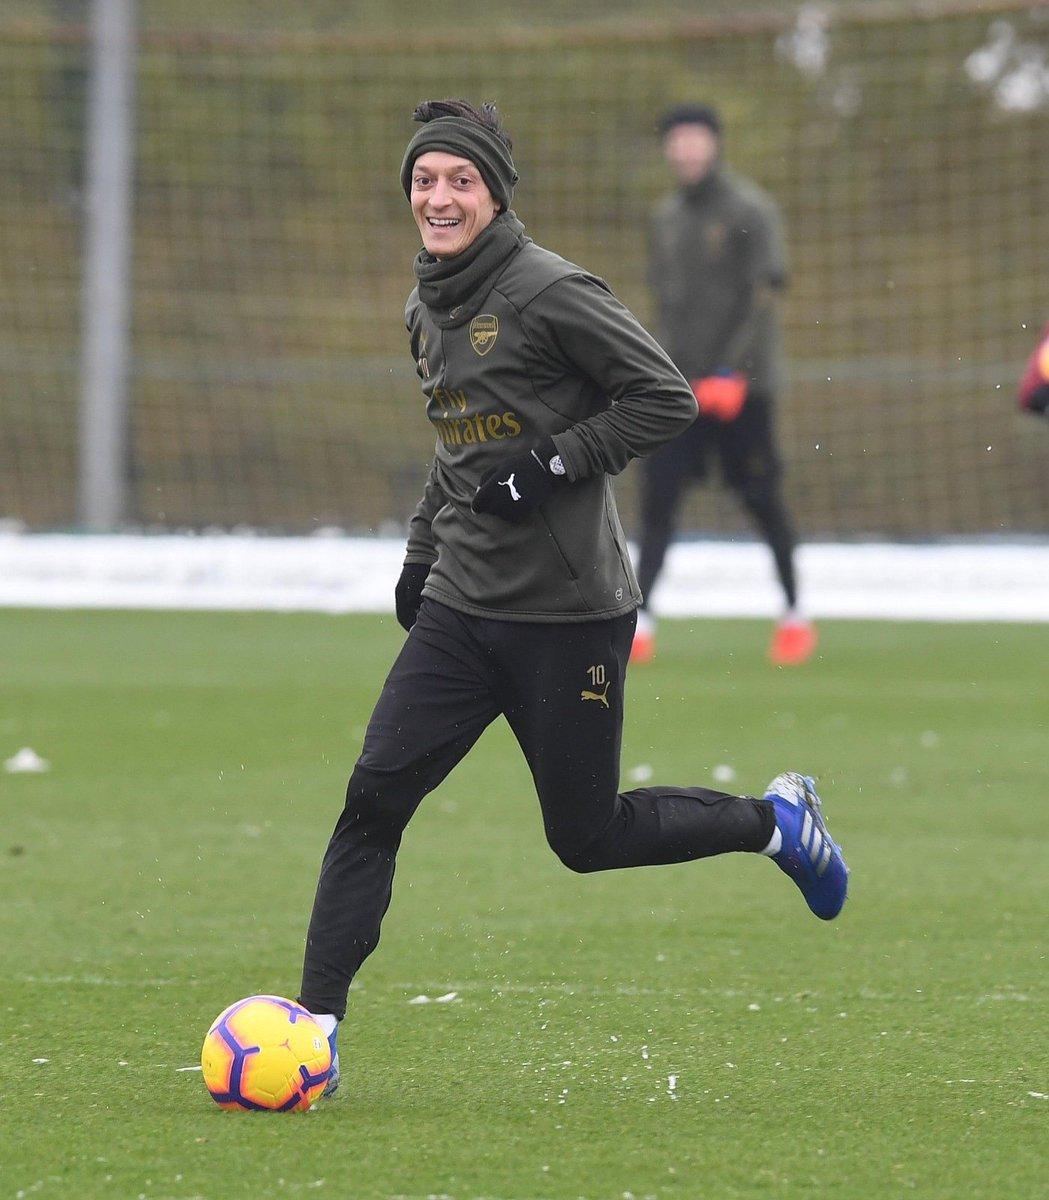 Warming up for the #ManCity clash ❄⚽〽 #M1Ö #YaGunnersYa @Arsenal